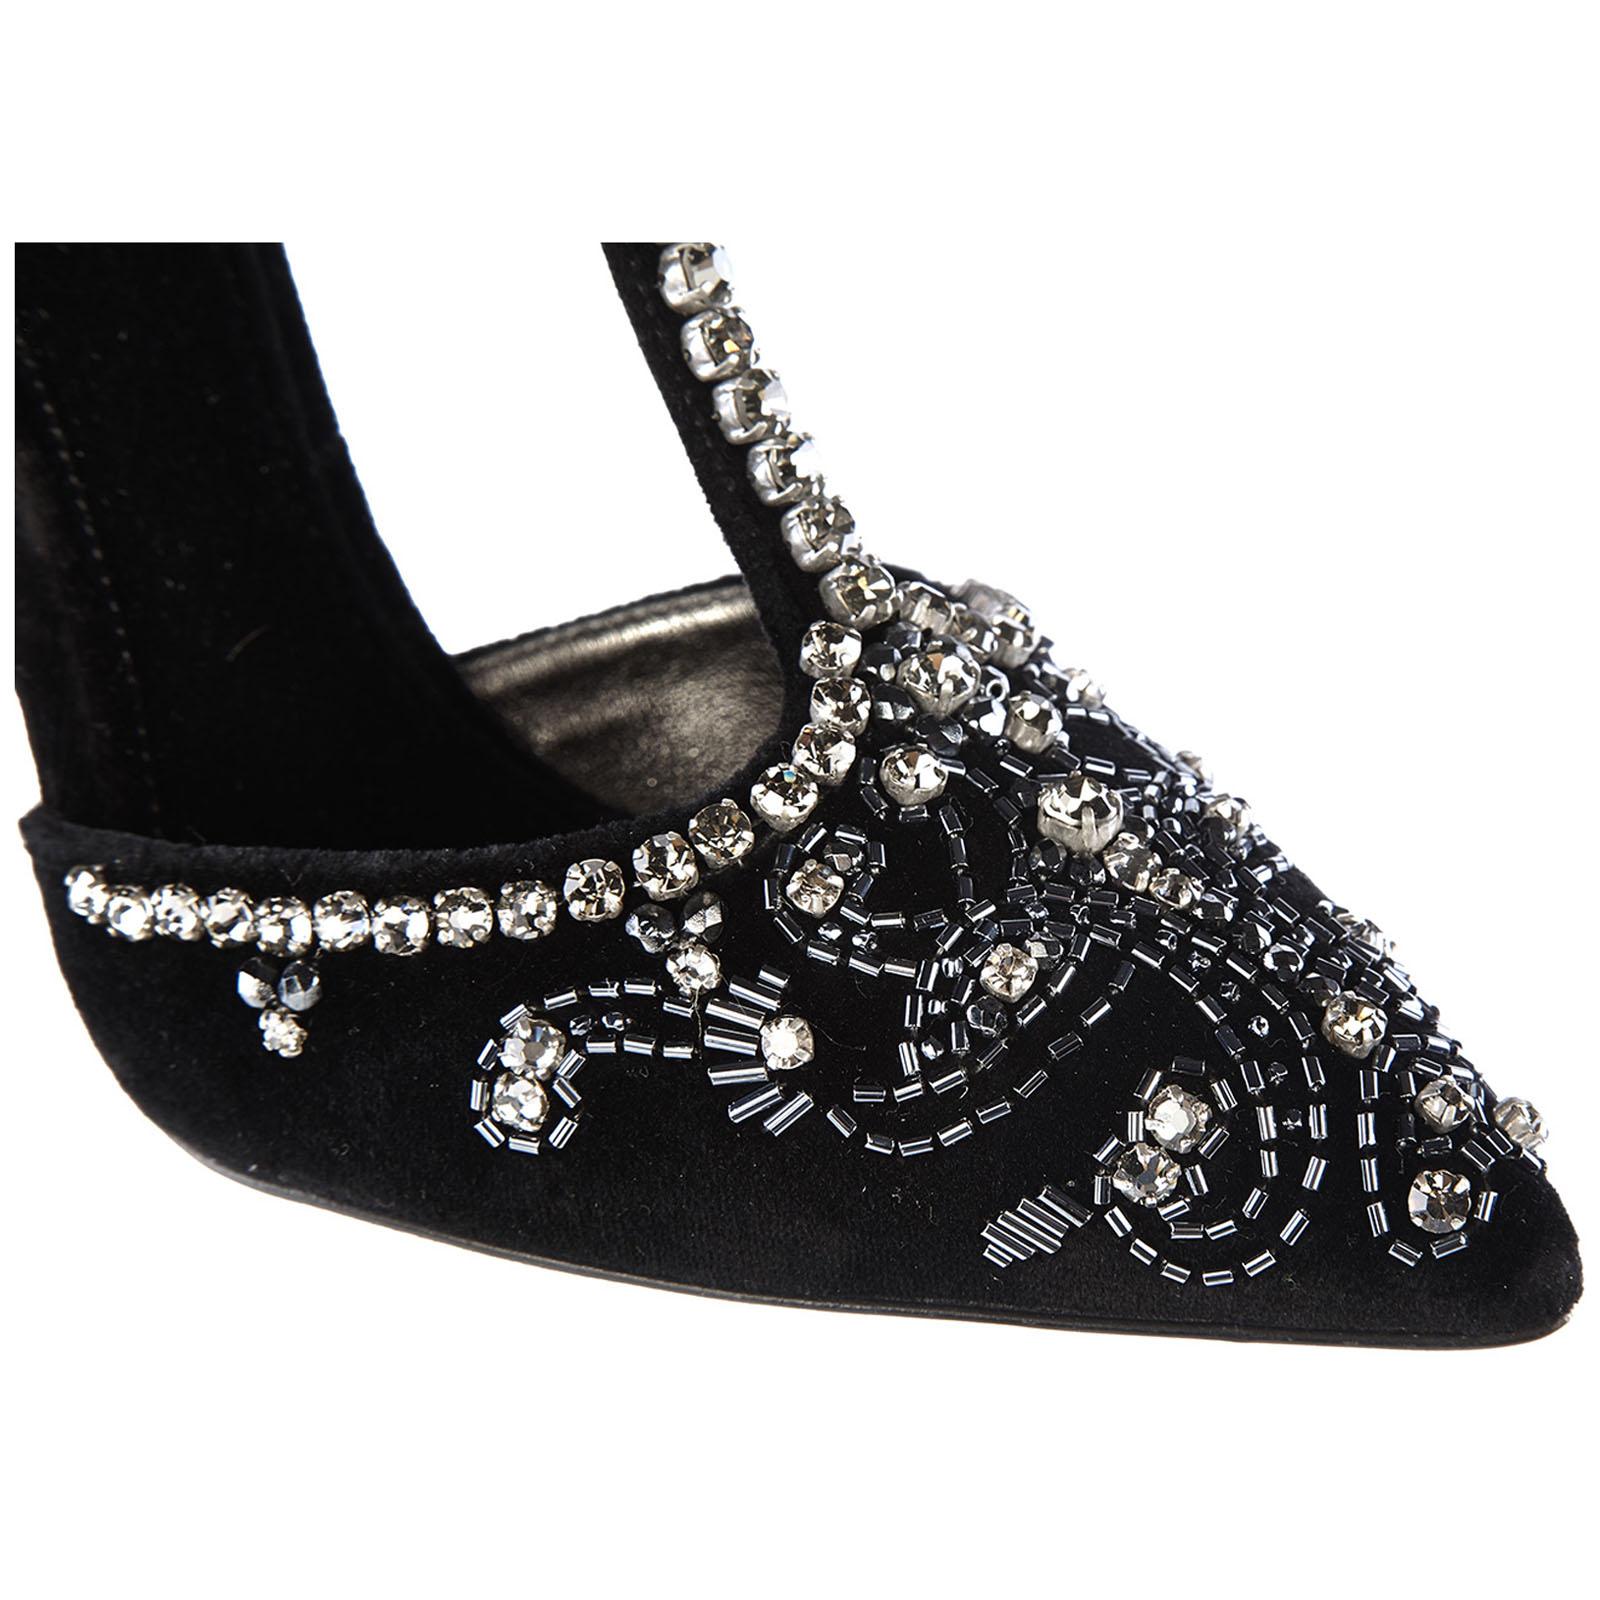 Damenschuhe pumps mit absatz high heels